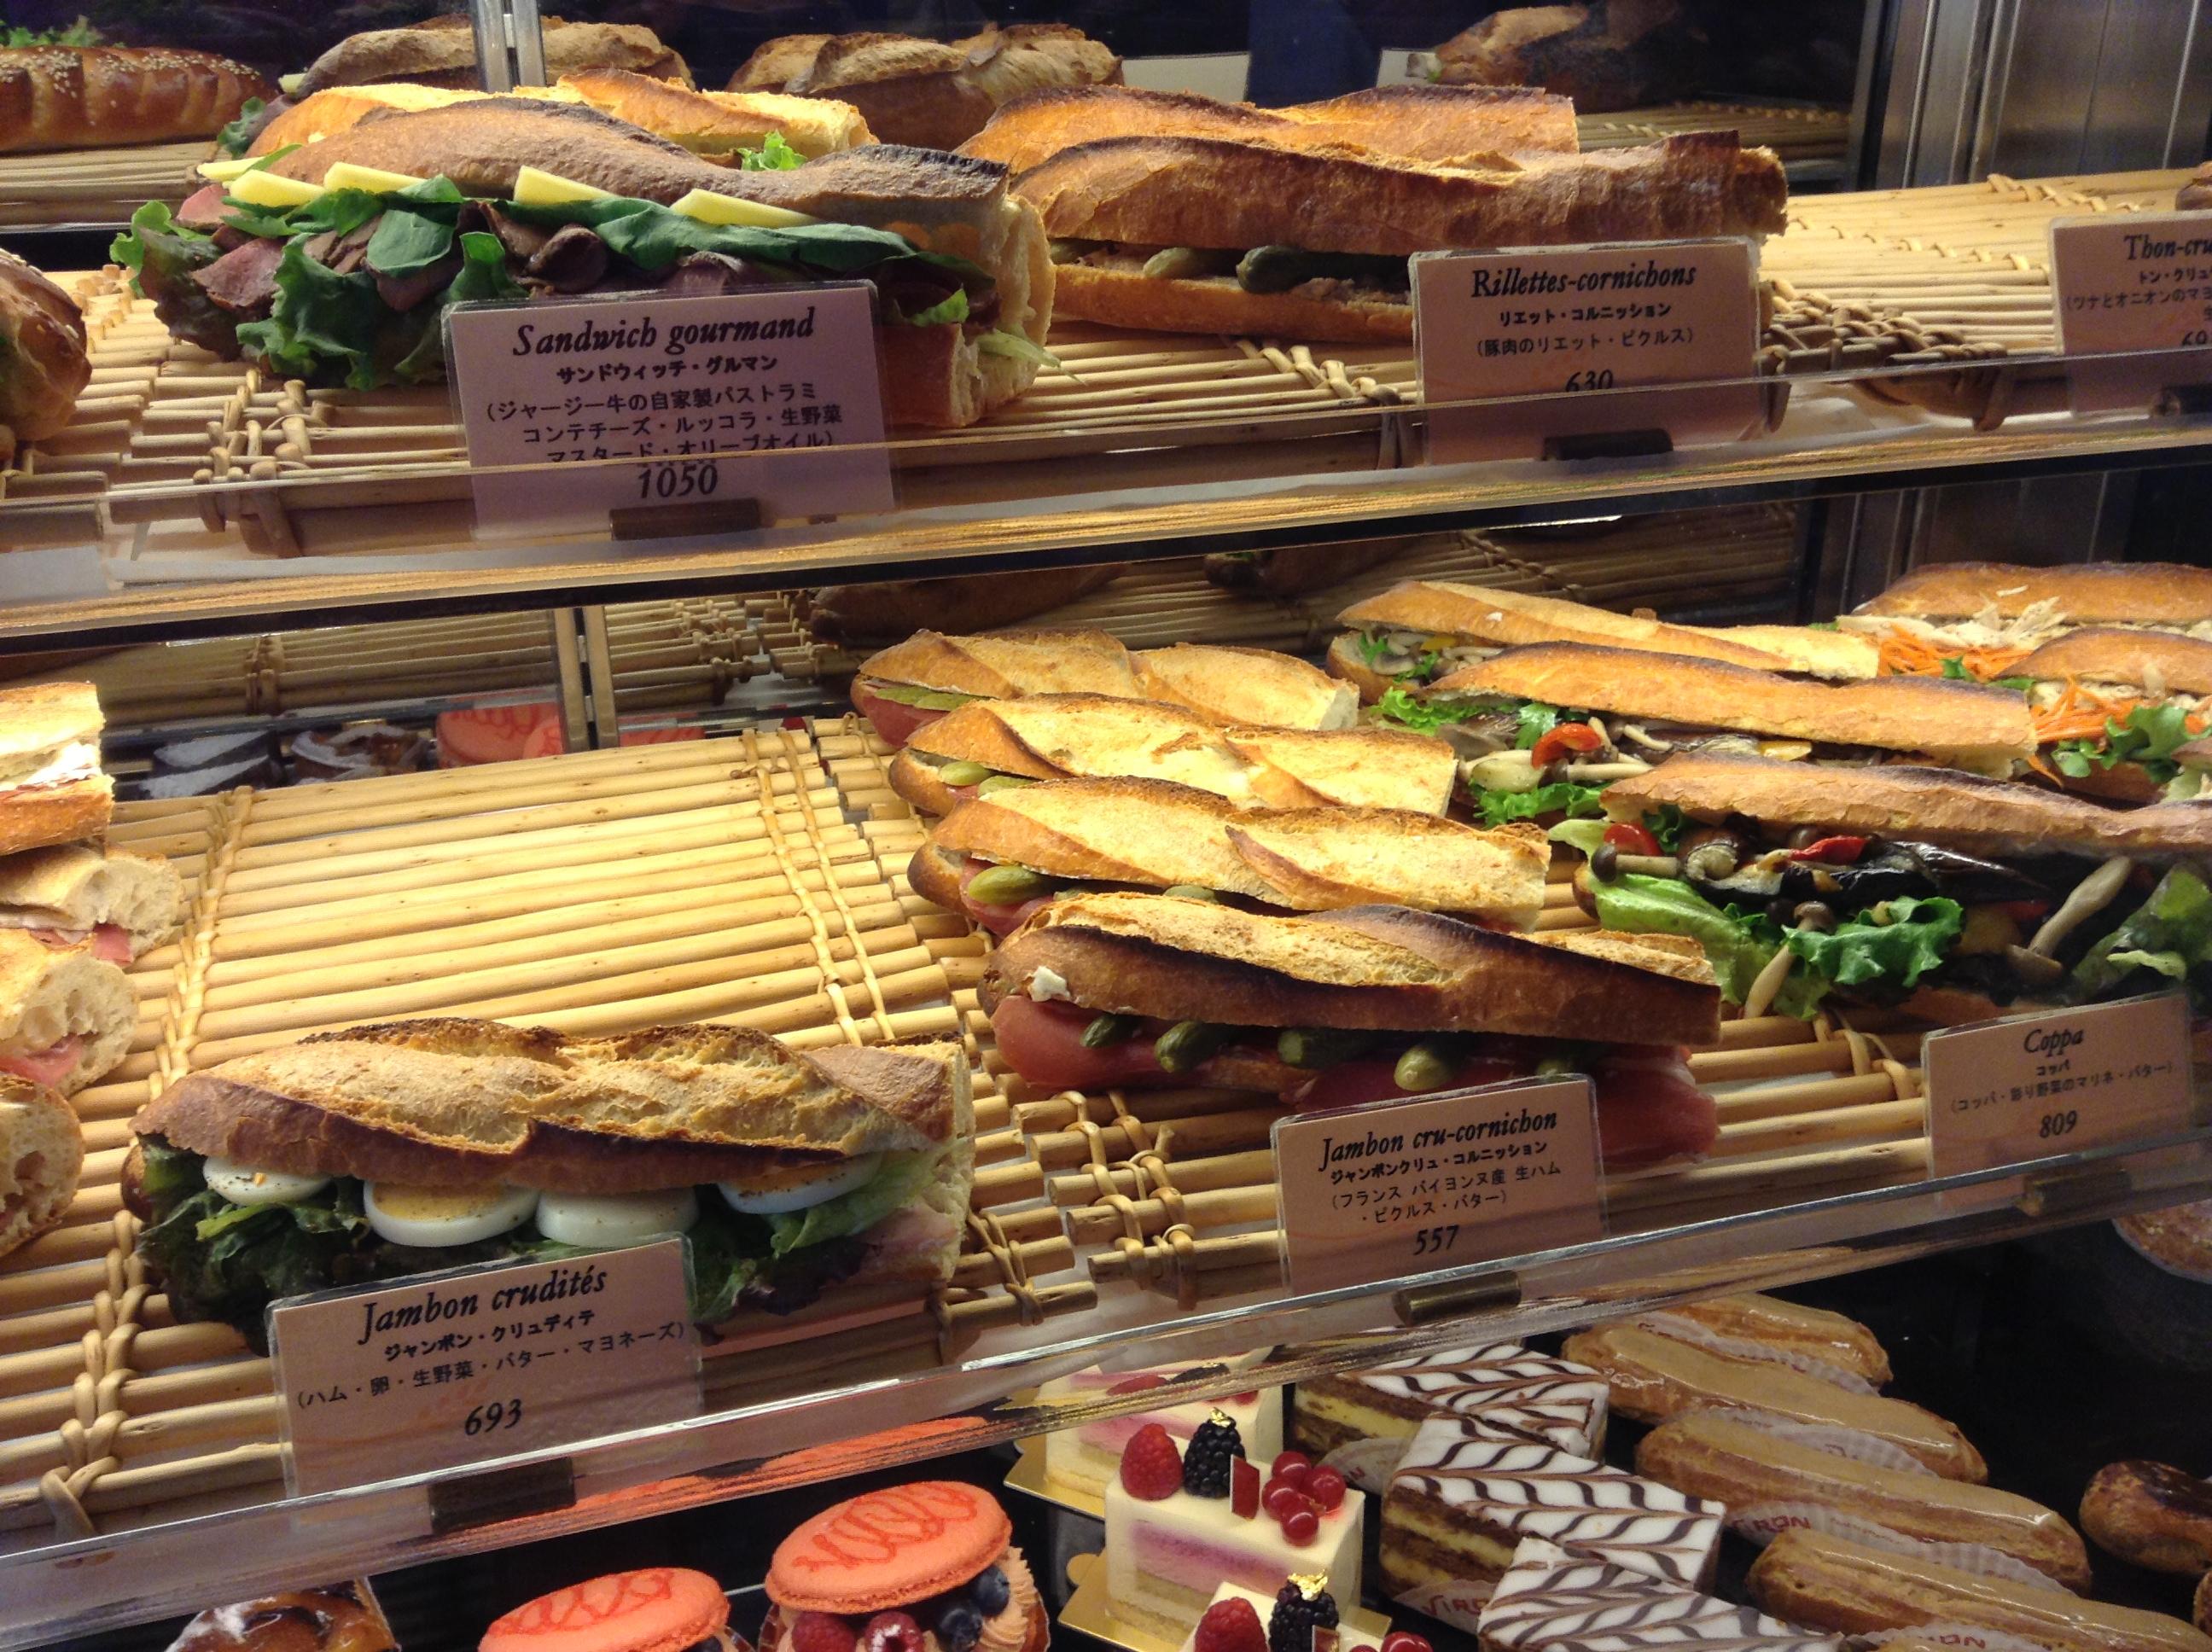 Viron Boulangerie